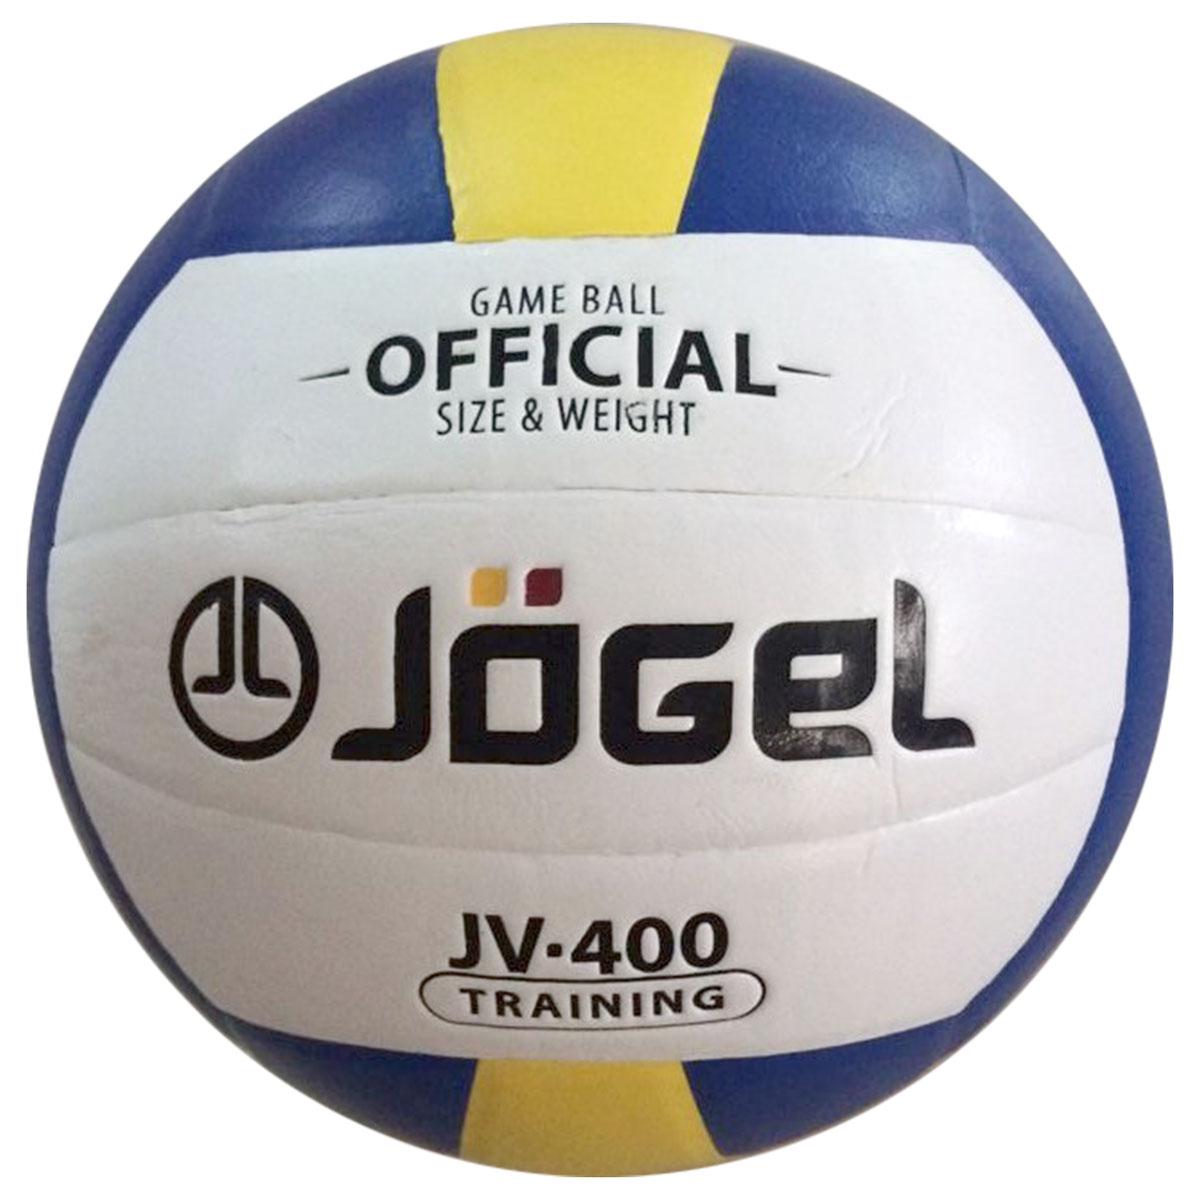 Мяч волейбольный Jogel, цвет: синий, желтый. Размер 5. JV-400УТ-00009341Клееный волейбольный мяч Jogel отлично подойдет для тренировок как в зале, так и на улице.Покрышка мяча выполнена из технологичного композитного материала на основе поливинилхлорида и специального слоя на основе EVA. Мяч мягкий и приятный на ощупь. Он состоит из 18 склеенных между собой панелей и камеры из бутила, также армирован подкладочным слоем из ткани.Вес: 260-280 гр.Длина окружности: 65-67 см.Рекомендованное давление: 0.29-0.32 бар. УВАЖАЕМЫЕ КЛИЕНТЫ!Обращаем ваше внимание на тот факт, что мяч поставляется в сдутом виде. Насос в комплект не входит.